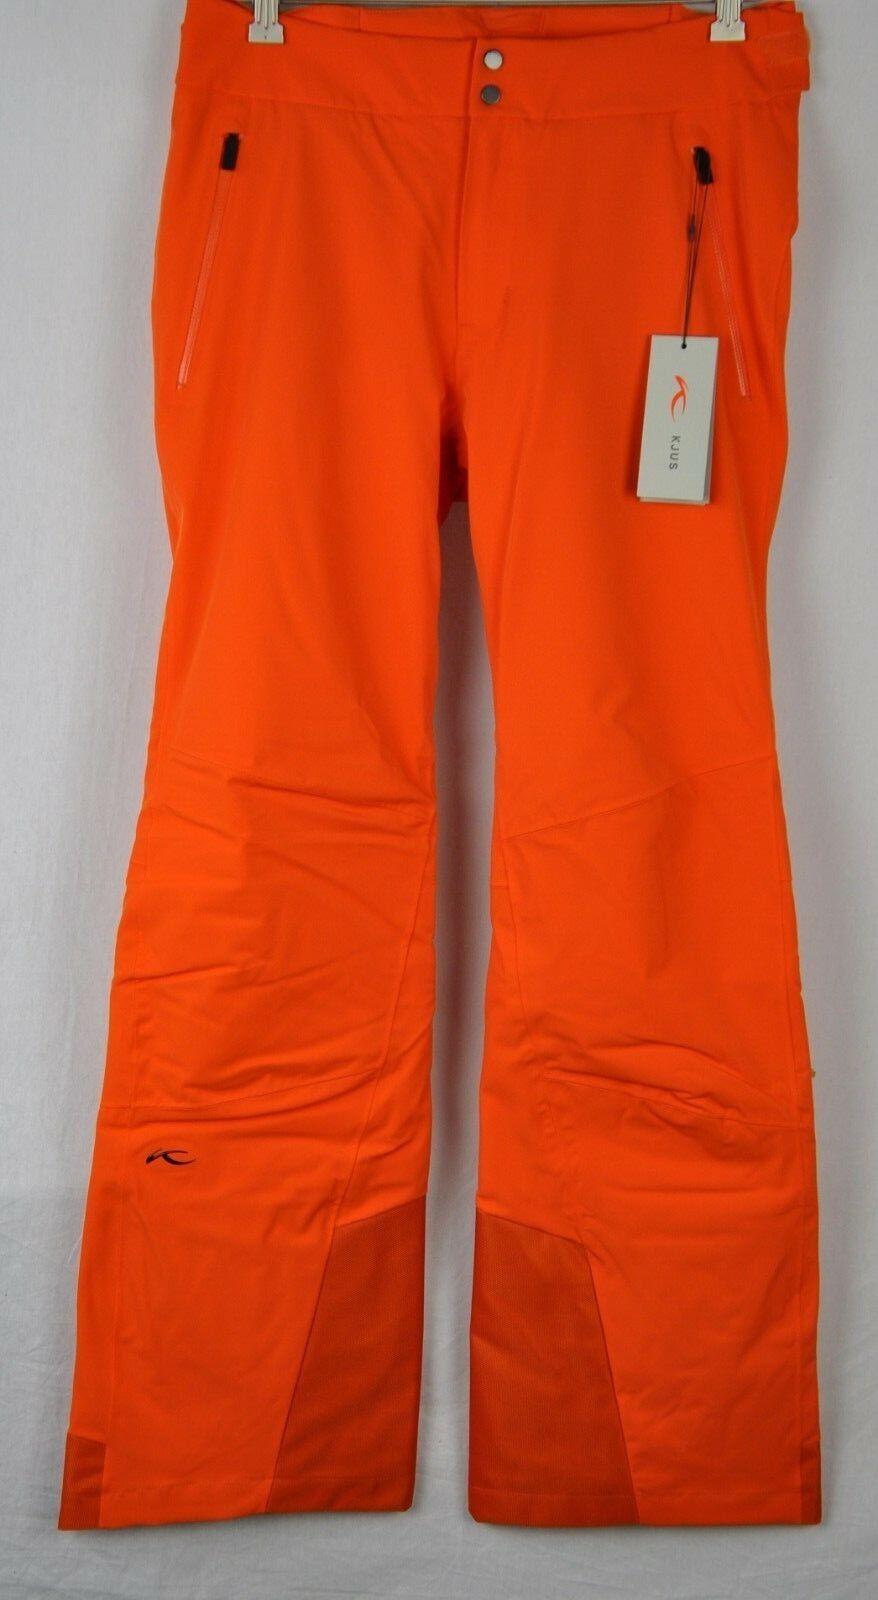 Kjus Mens Formula Insulated Ski Snow Pants MS20-E03S Kjus orange Size 54 Short